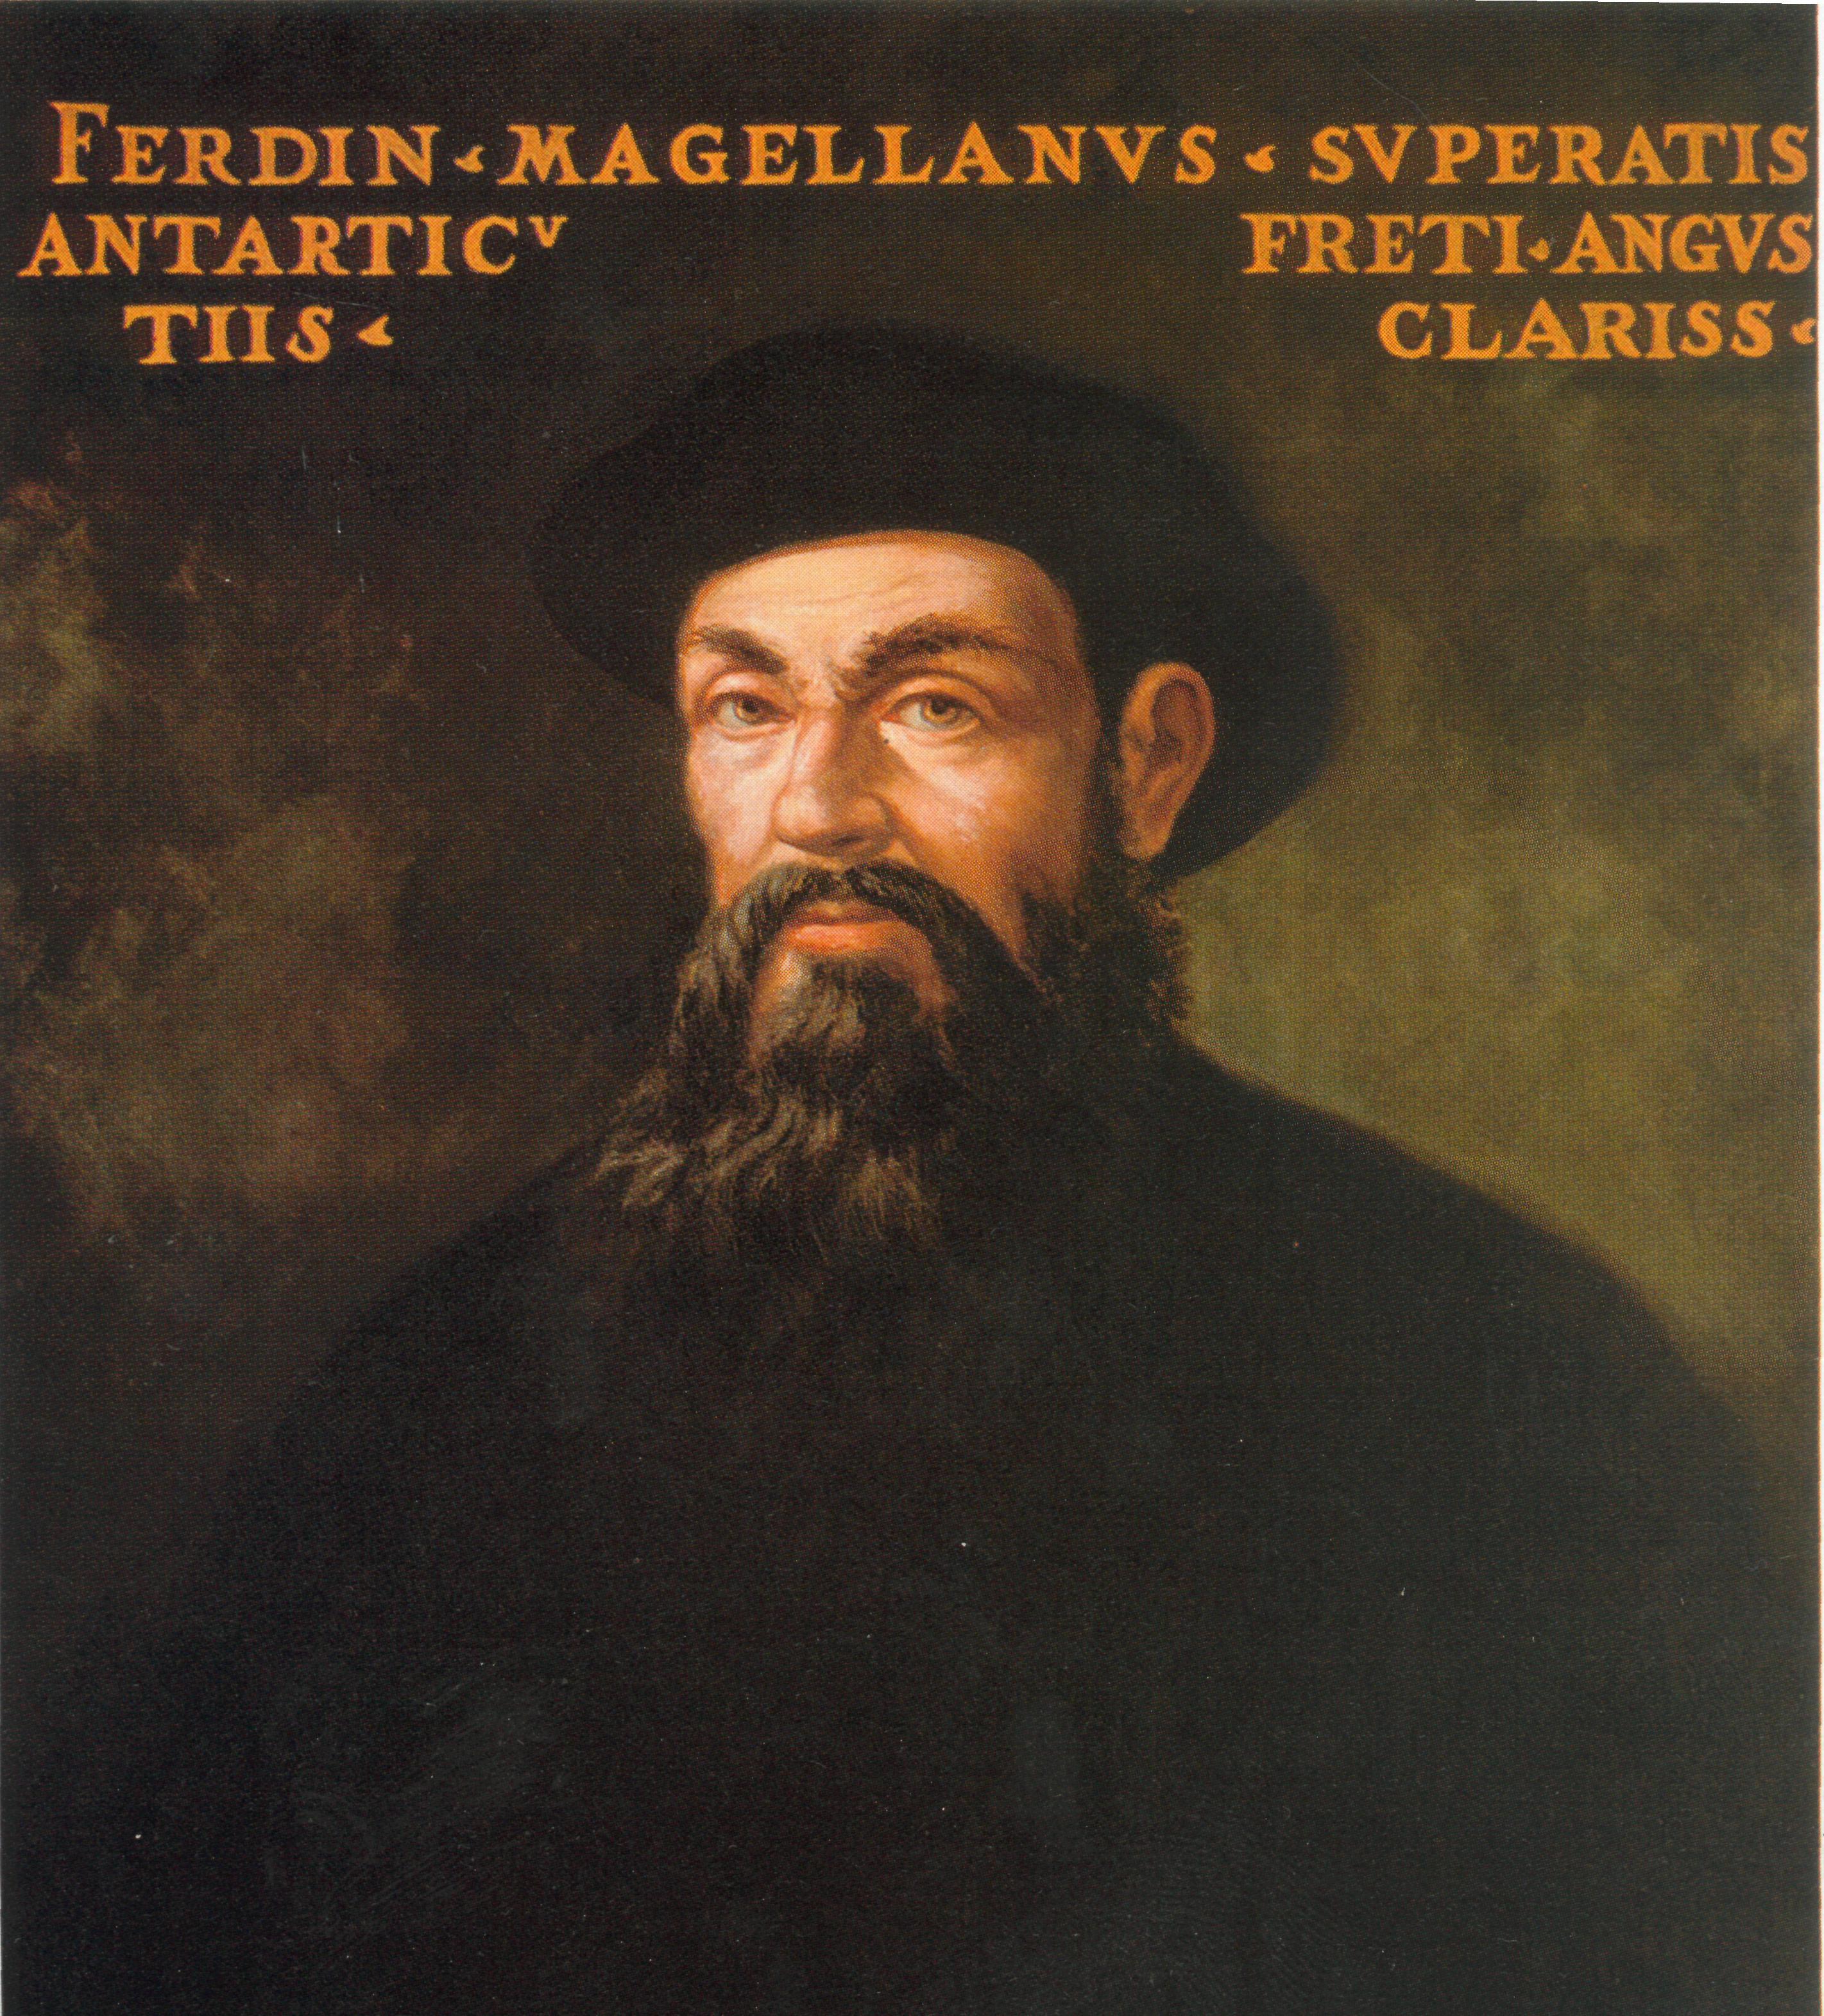 Доклад по географии о магеллане 7696